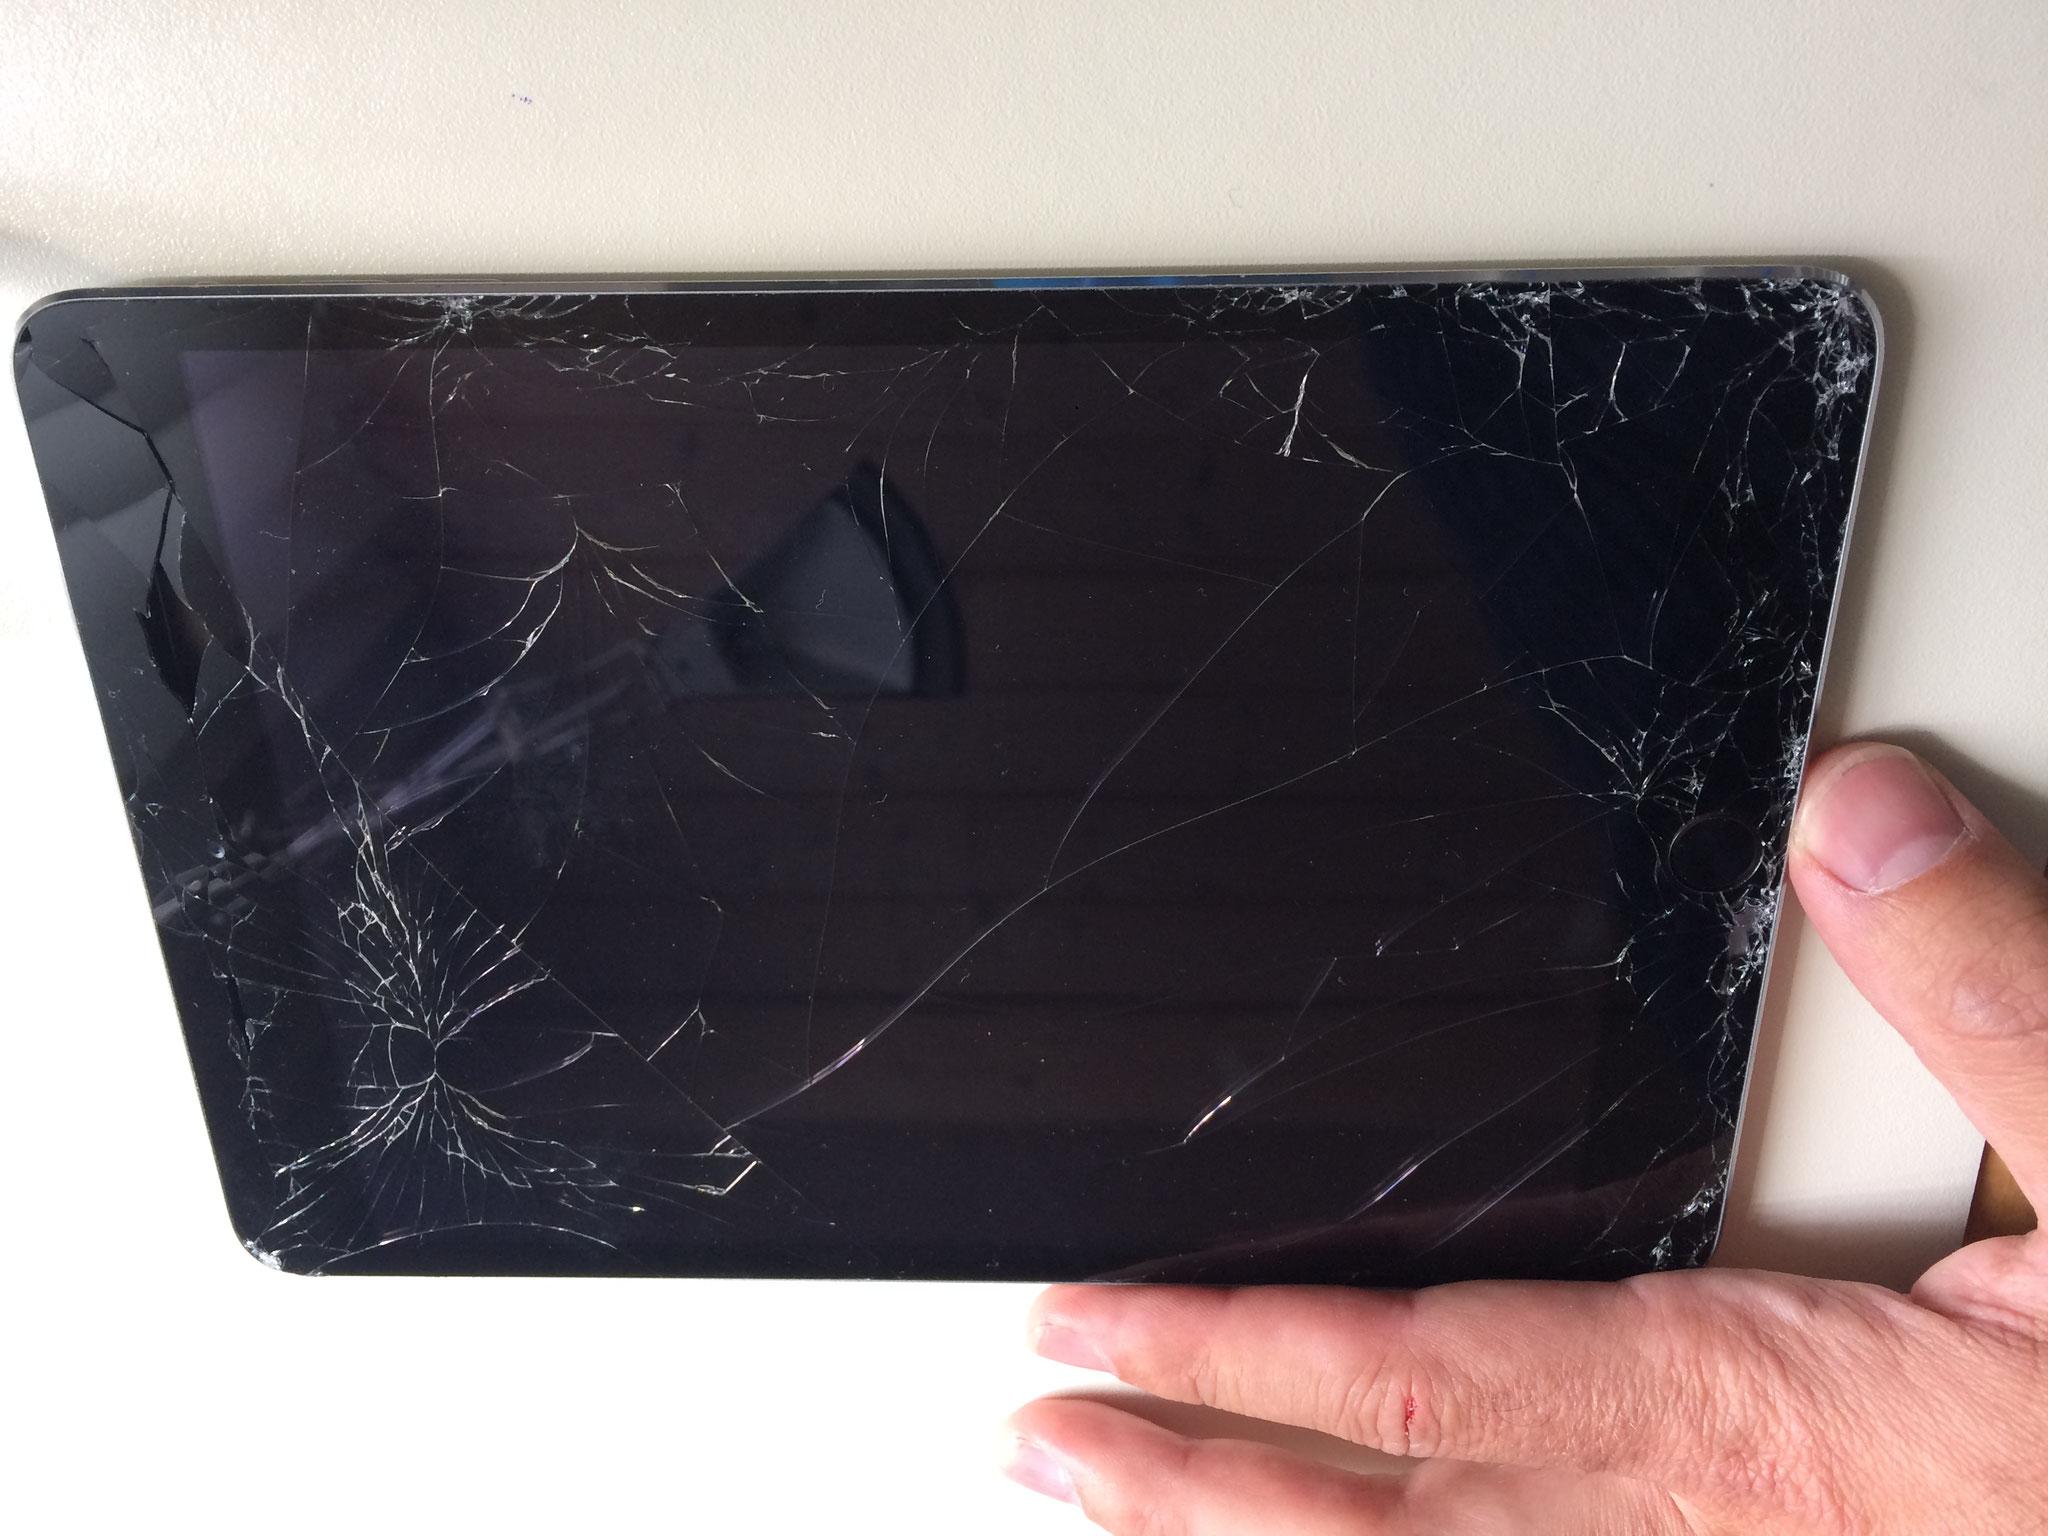 Kunden Tablet erhält einen neuen Bildschirm inkl. Batterie!